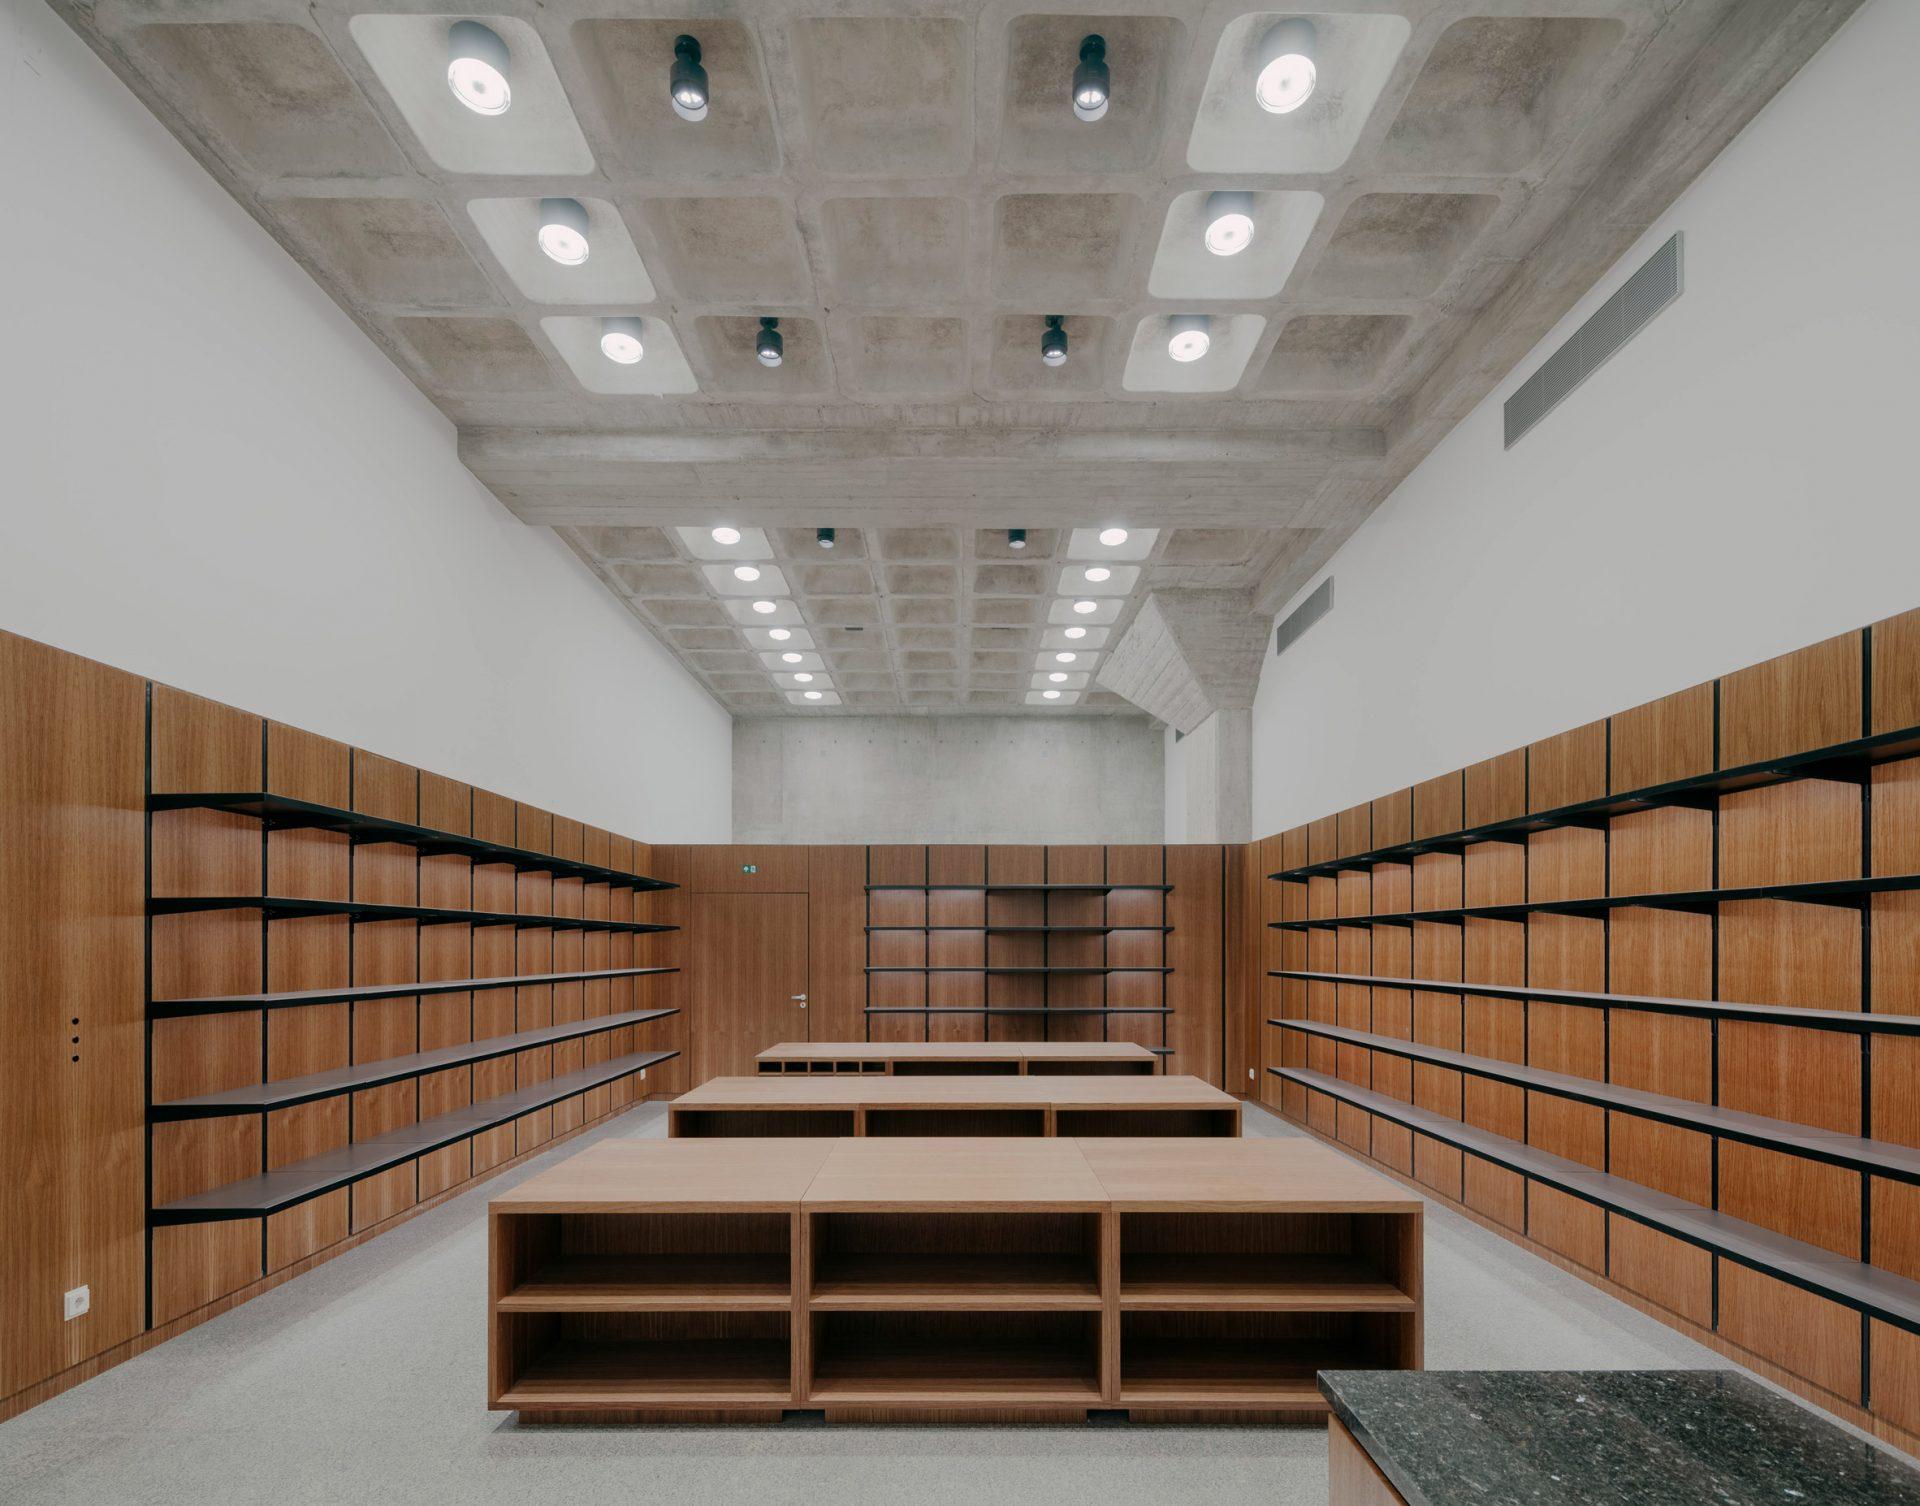 neue-nationalgalerie-designalive-12